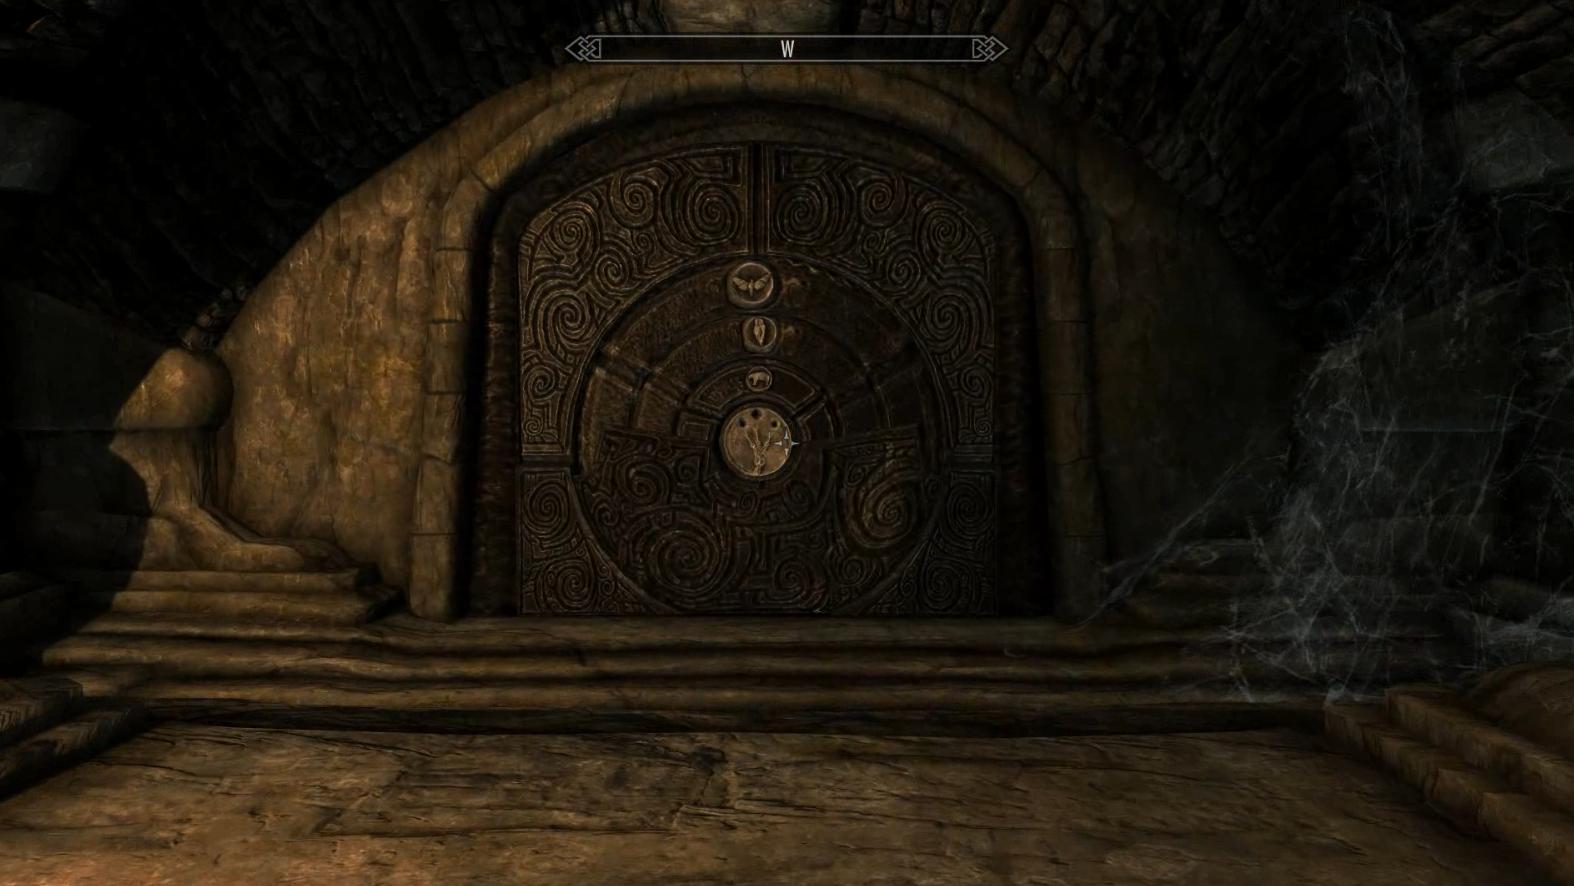 9f9ee857da2883b05c5529ed35088f68 - How To Get Past The Golden Claw Door In Skyrim